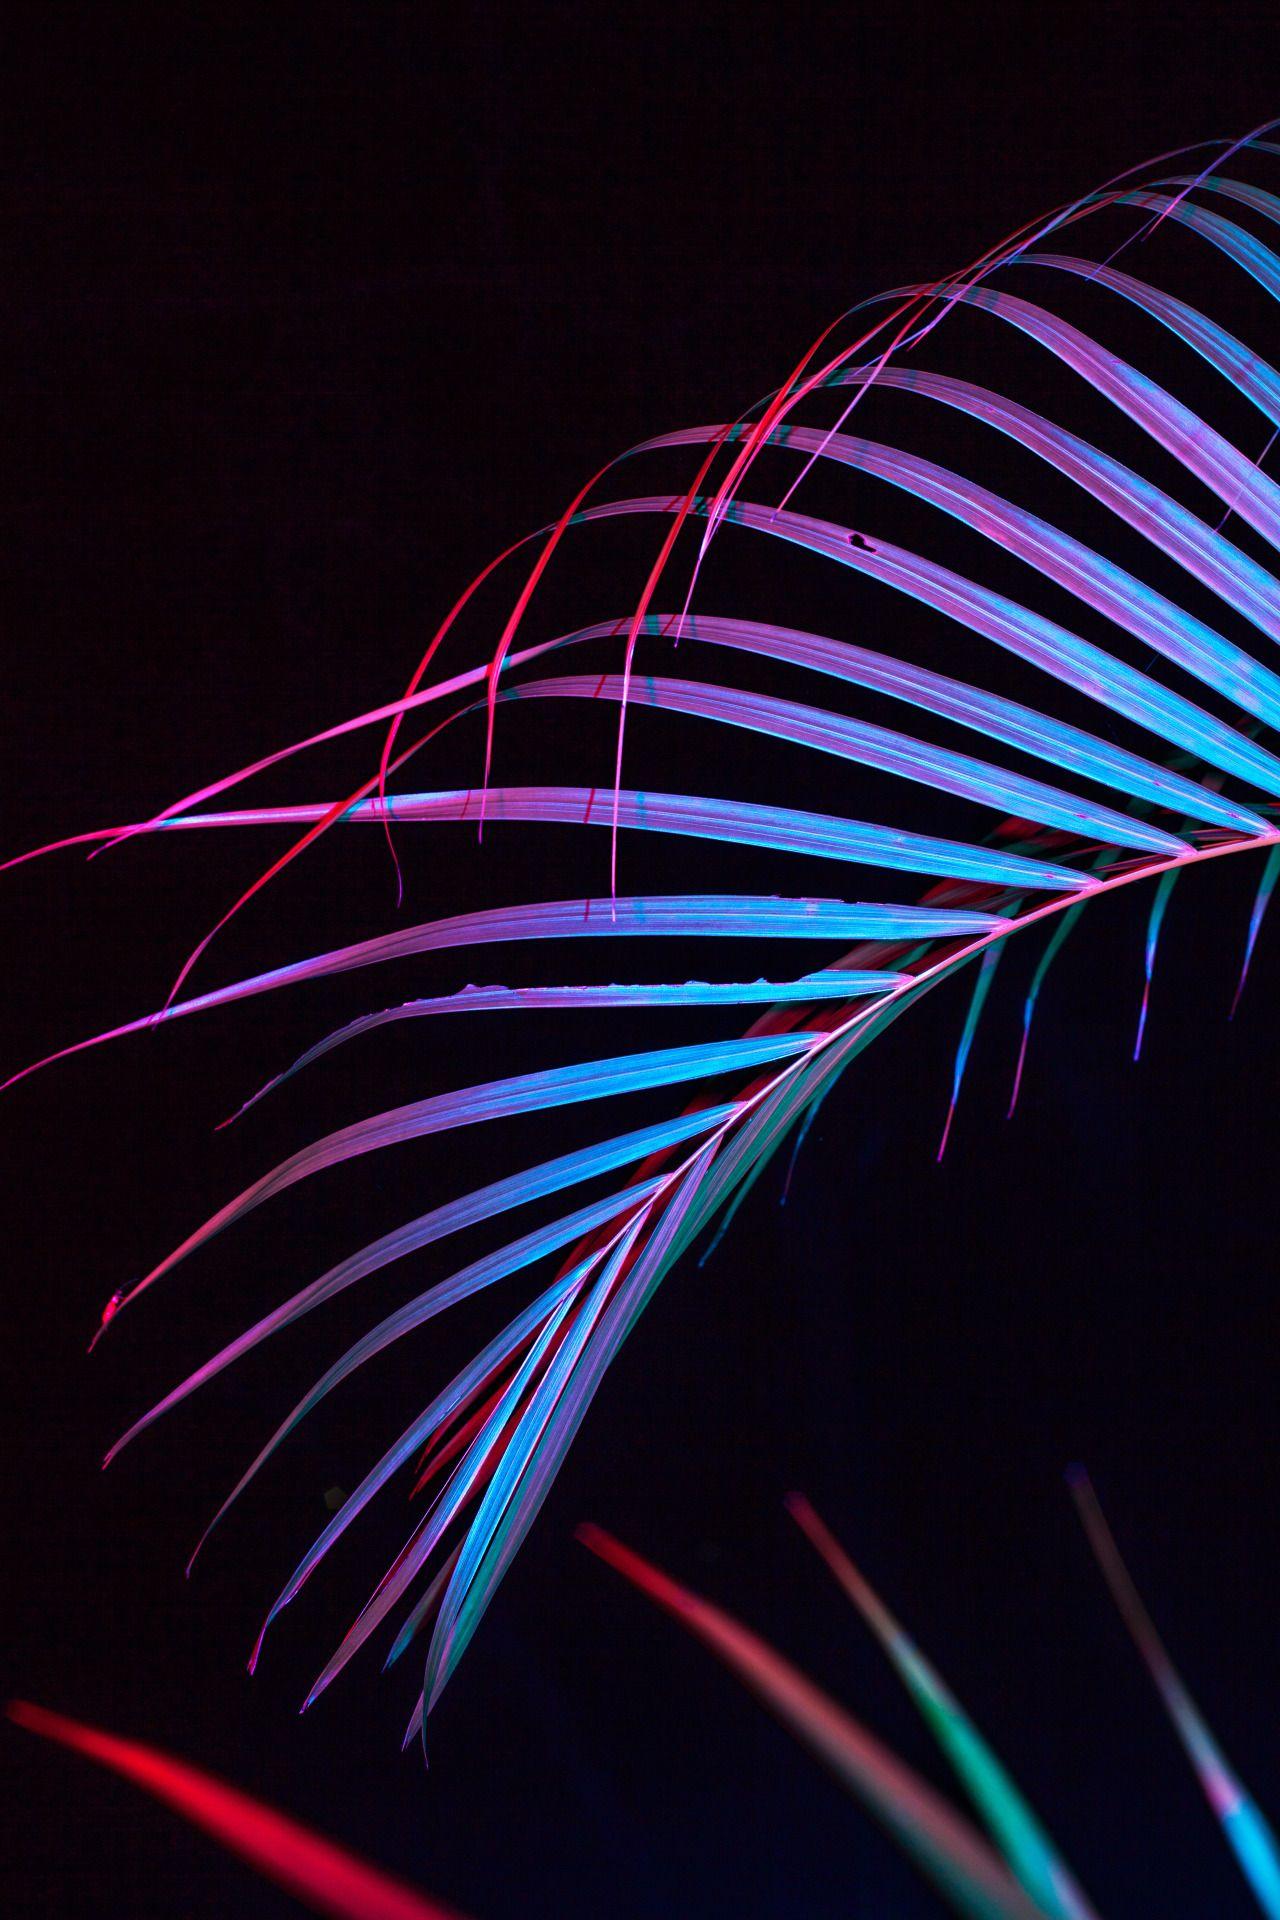 Un Monde En Rose Et Bleu De Cru Camara Photographie Florale Fond D Ecran Telephone Et Neon